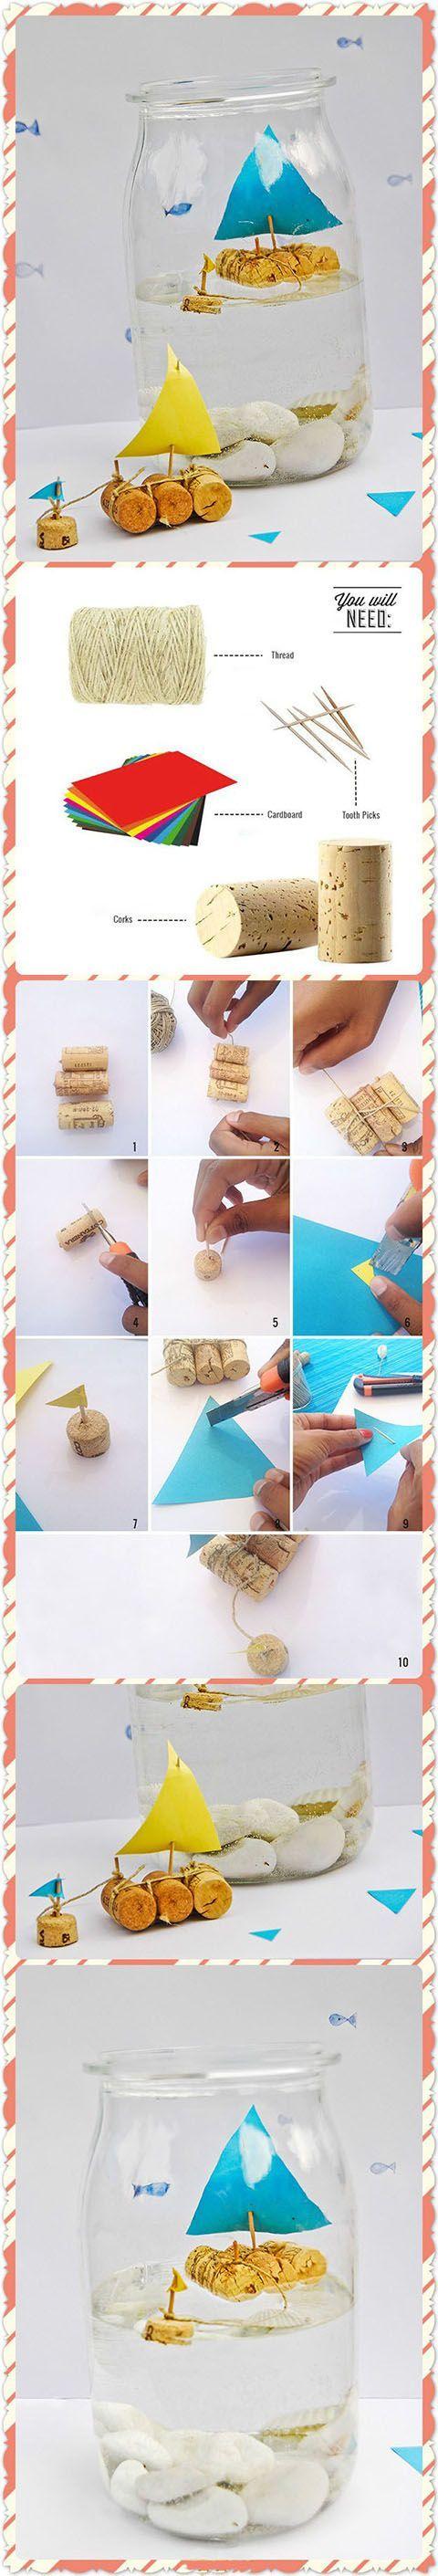 Beautiful Jar Craft | DIY & Crafts Tutorials